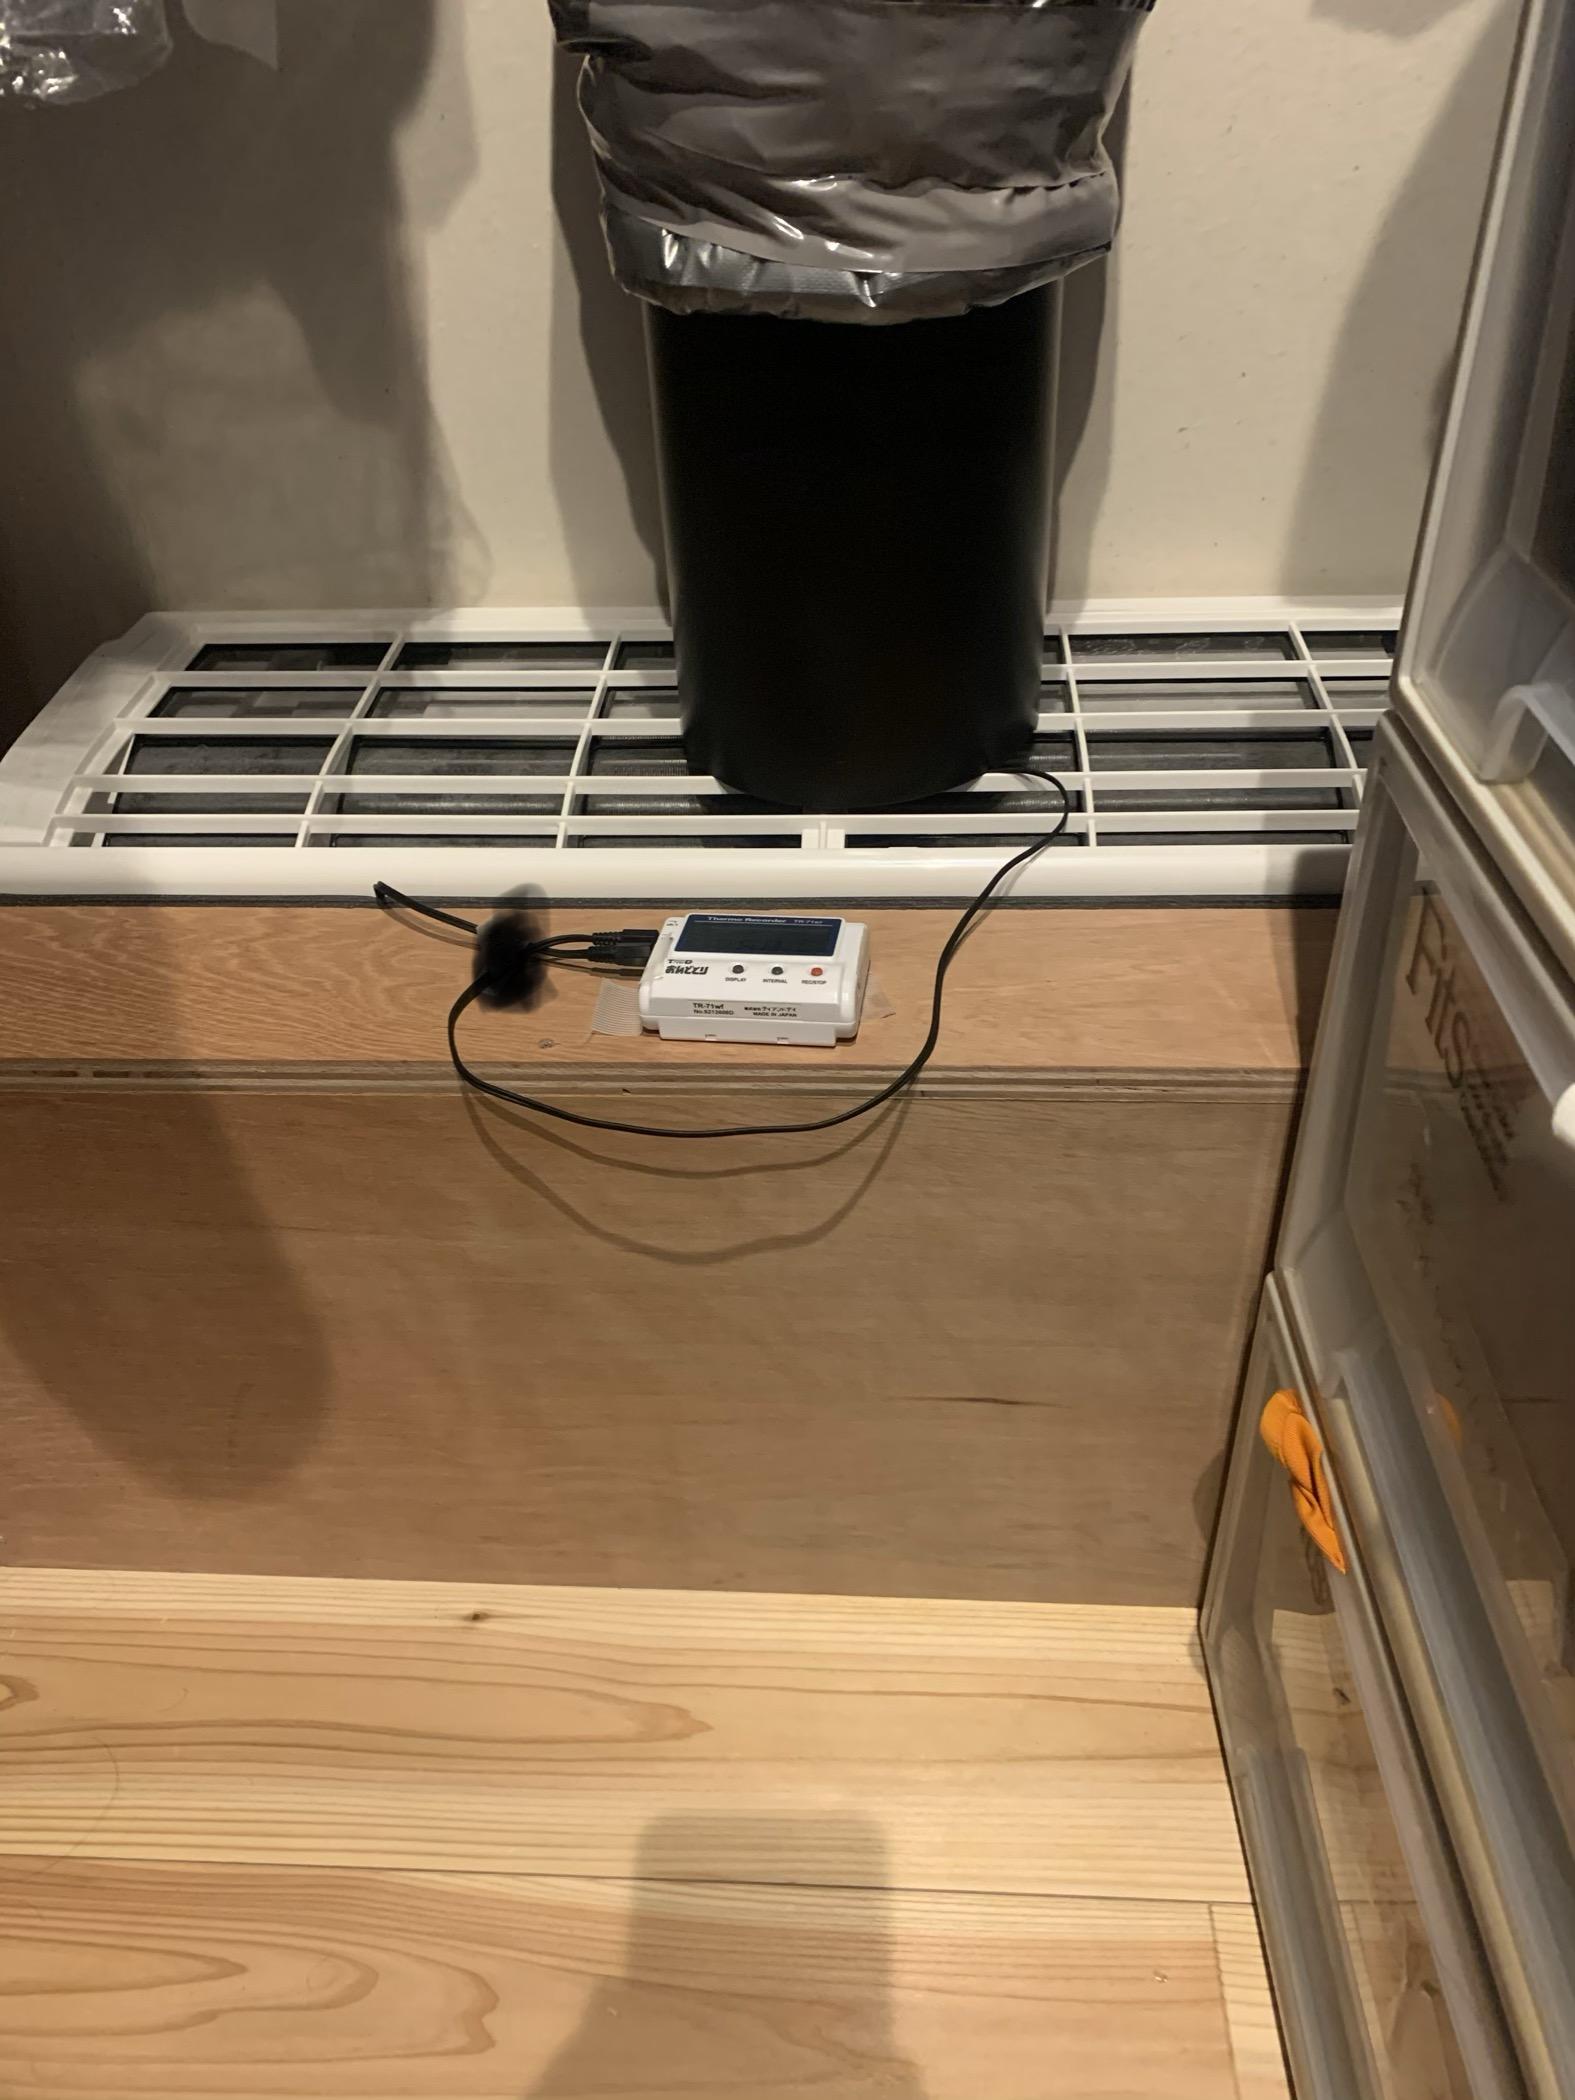 エアコンの吸込み口、ふき出し口温度計測の写真